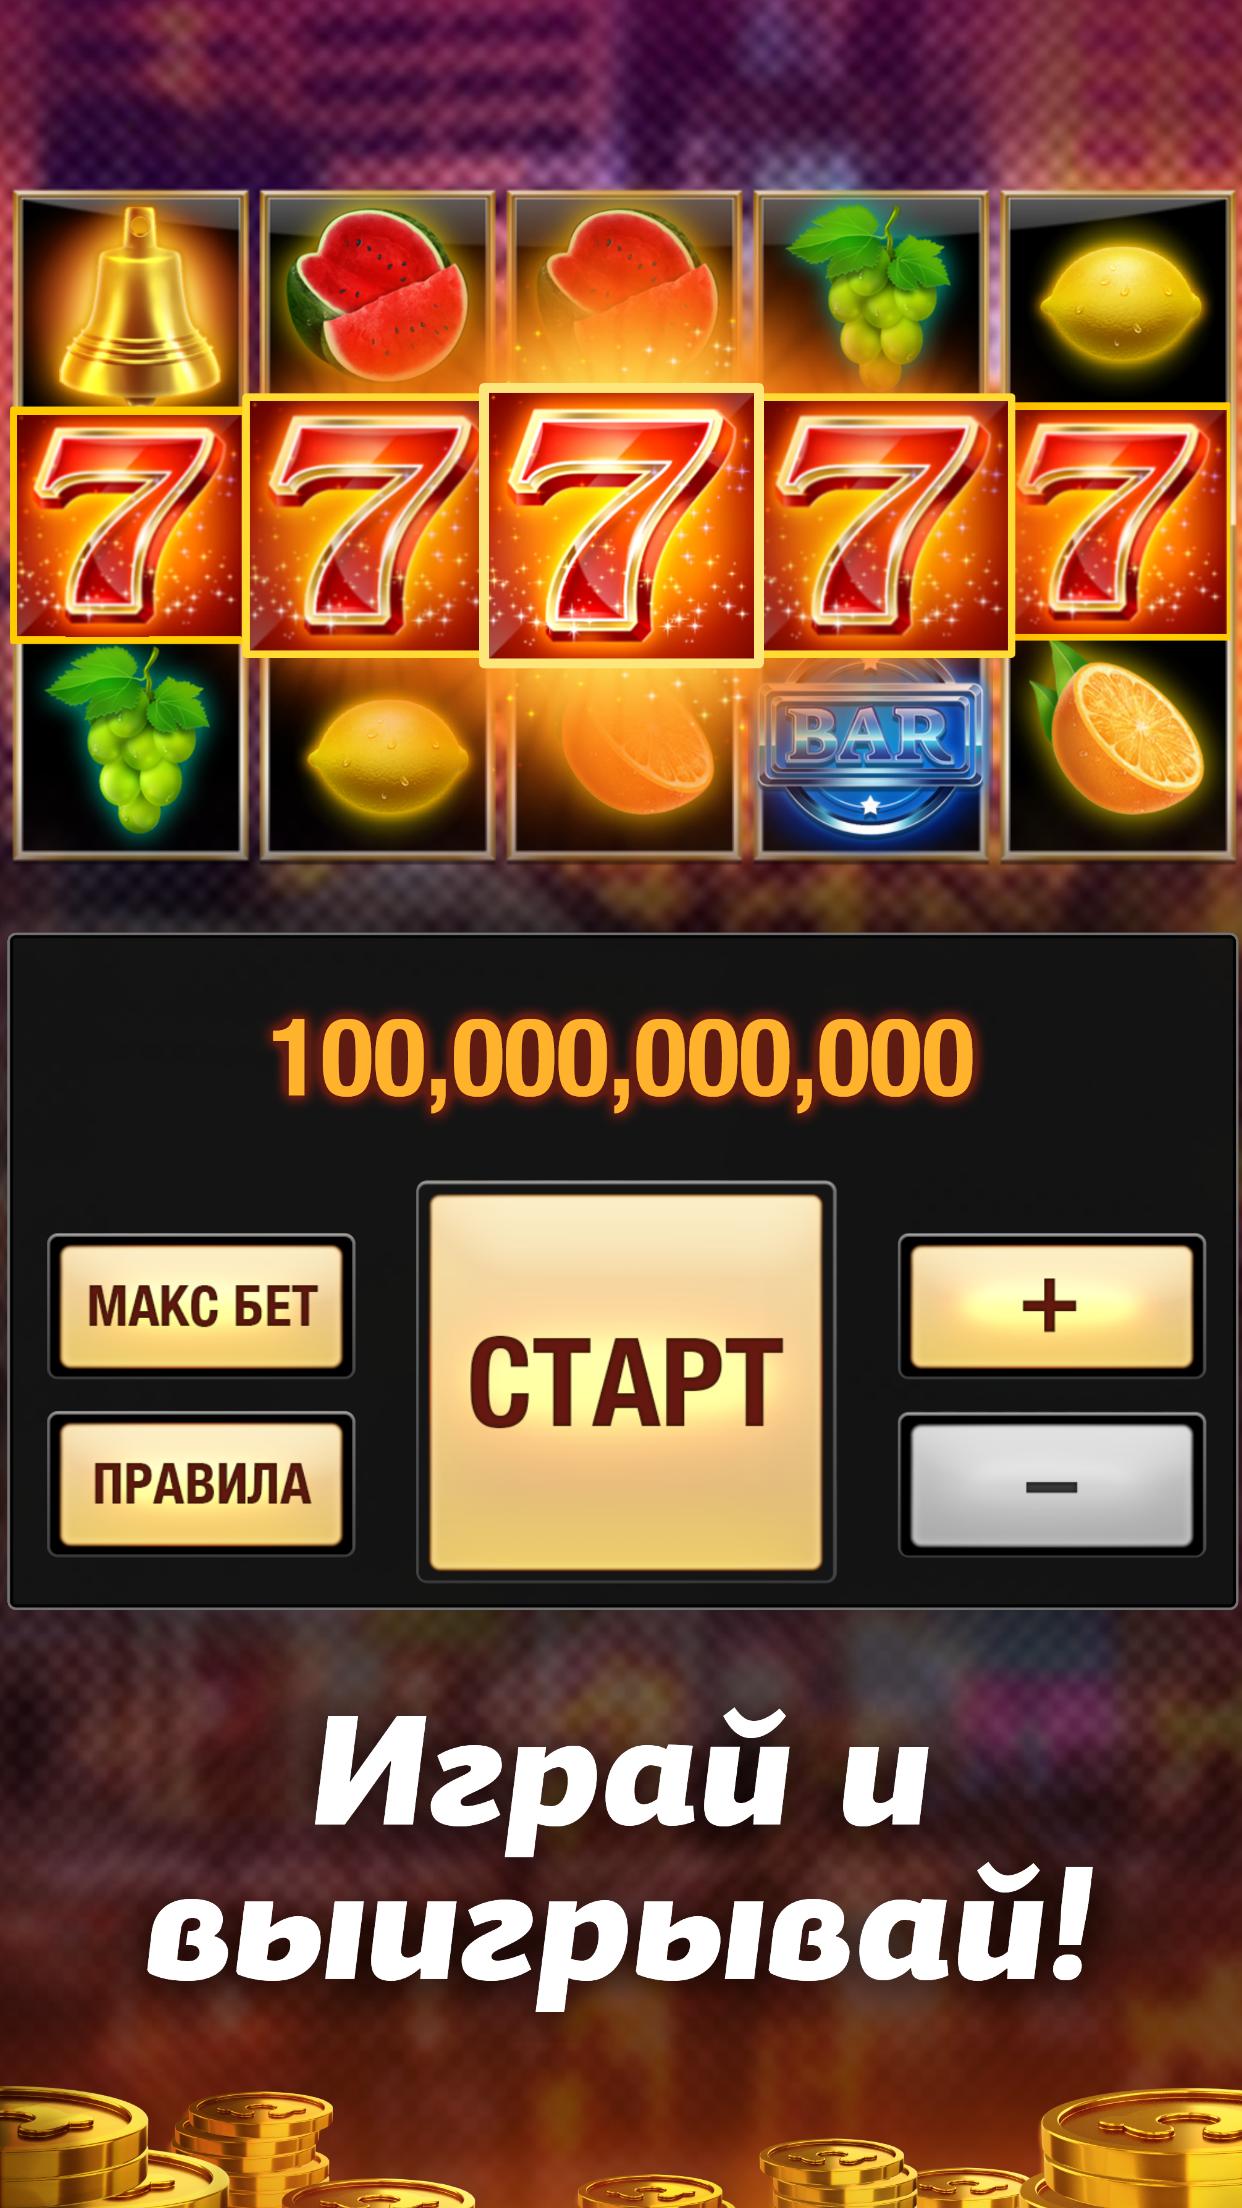 Капитан джек игровые автоматы 2013 бесплатно онлайн игры играть в карты